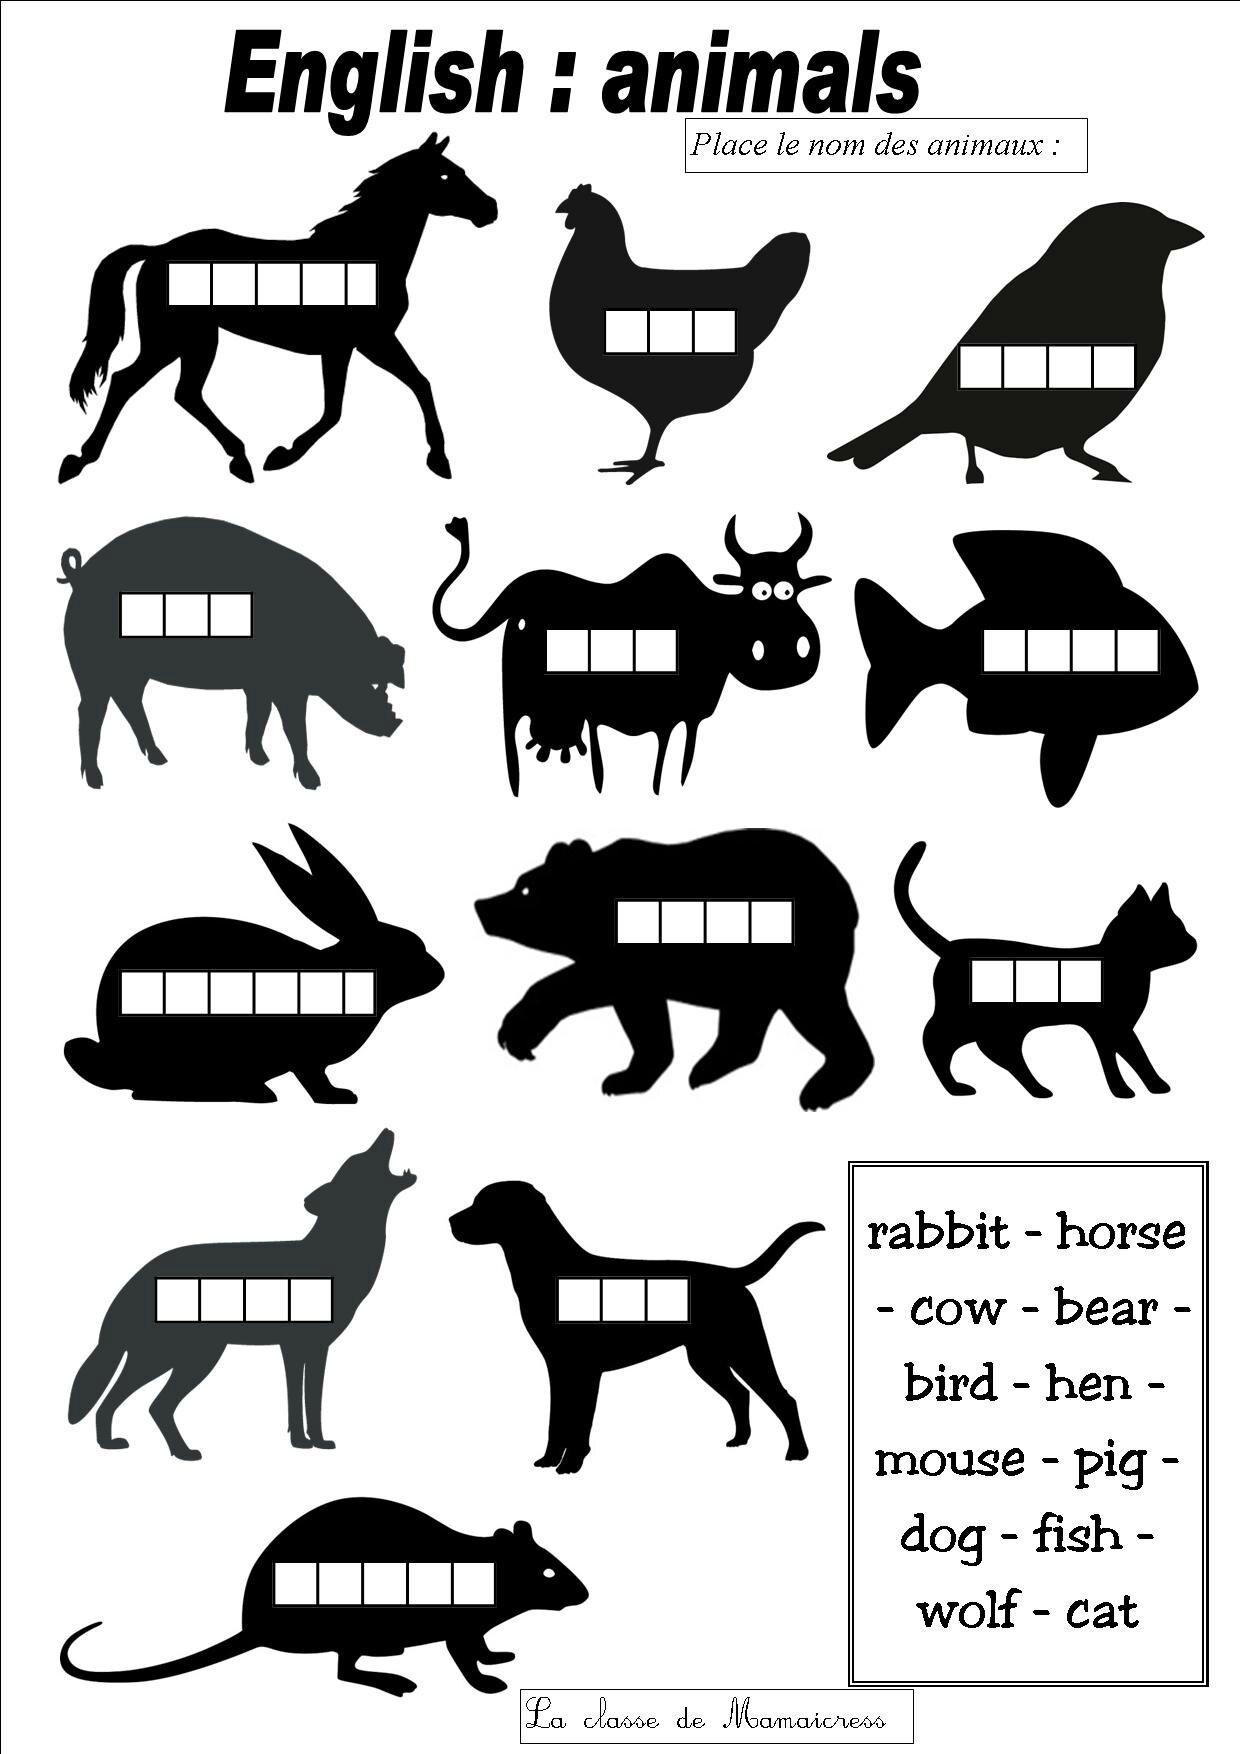 Populaire Anglais : le nom des animaux - La classe de Mamaicress TG37